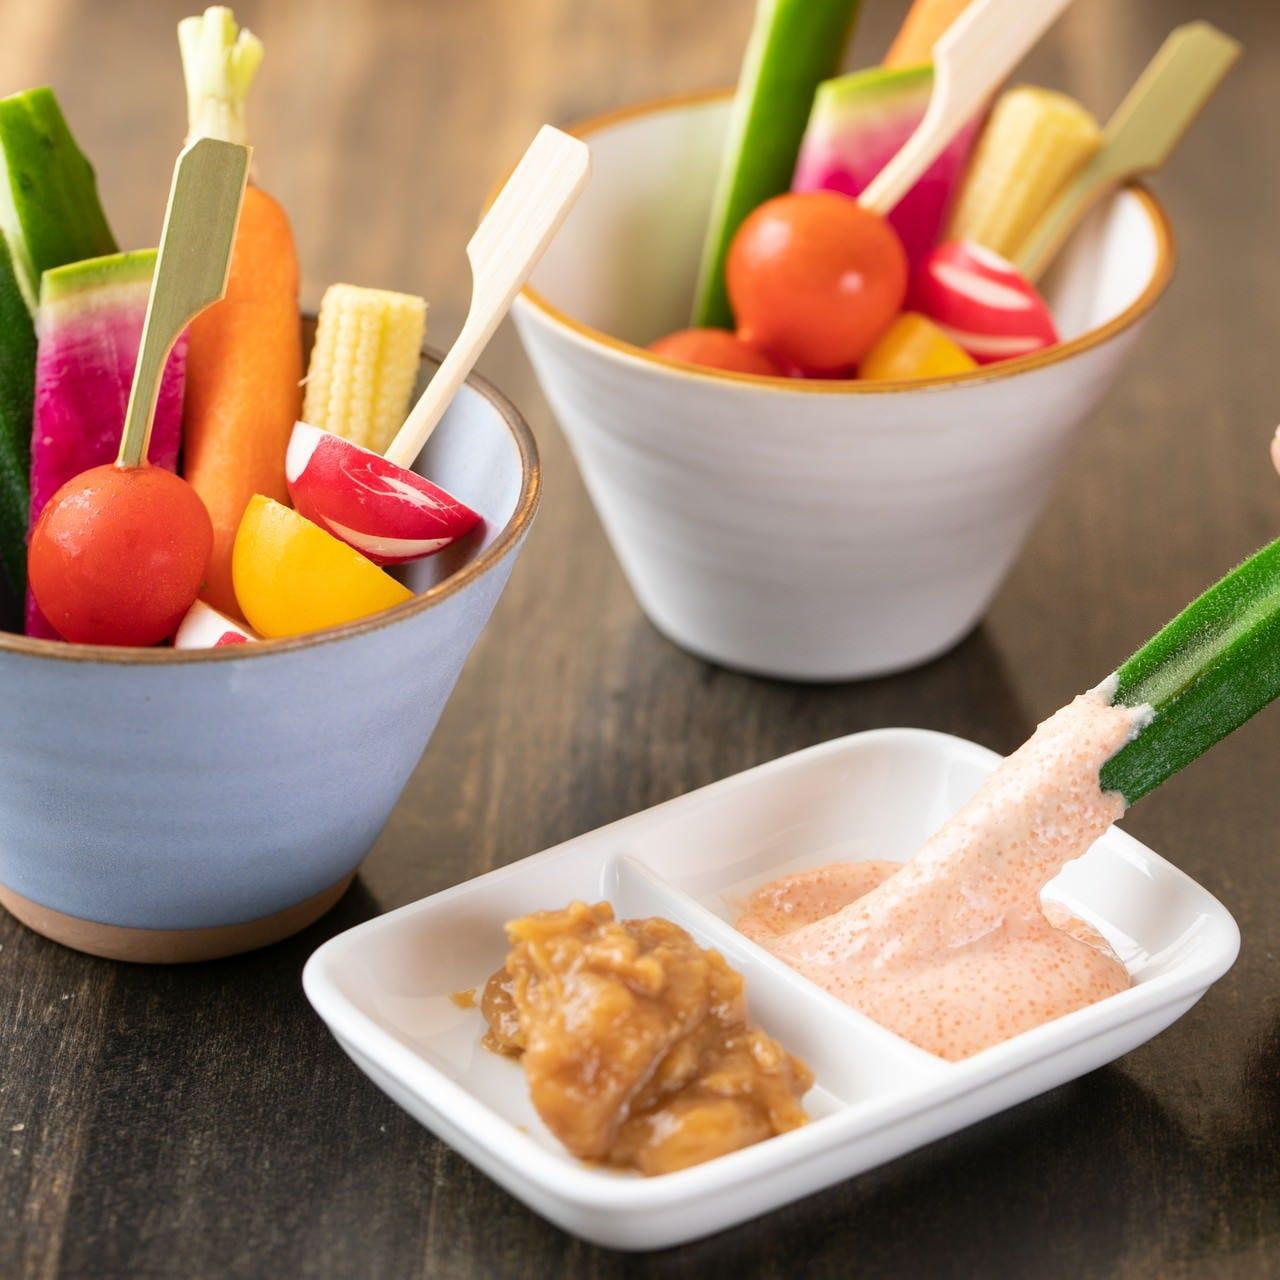 肉味噌と明太ソースの2種のディップで味わう野菜スティック